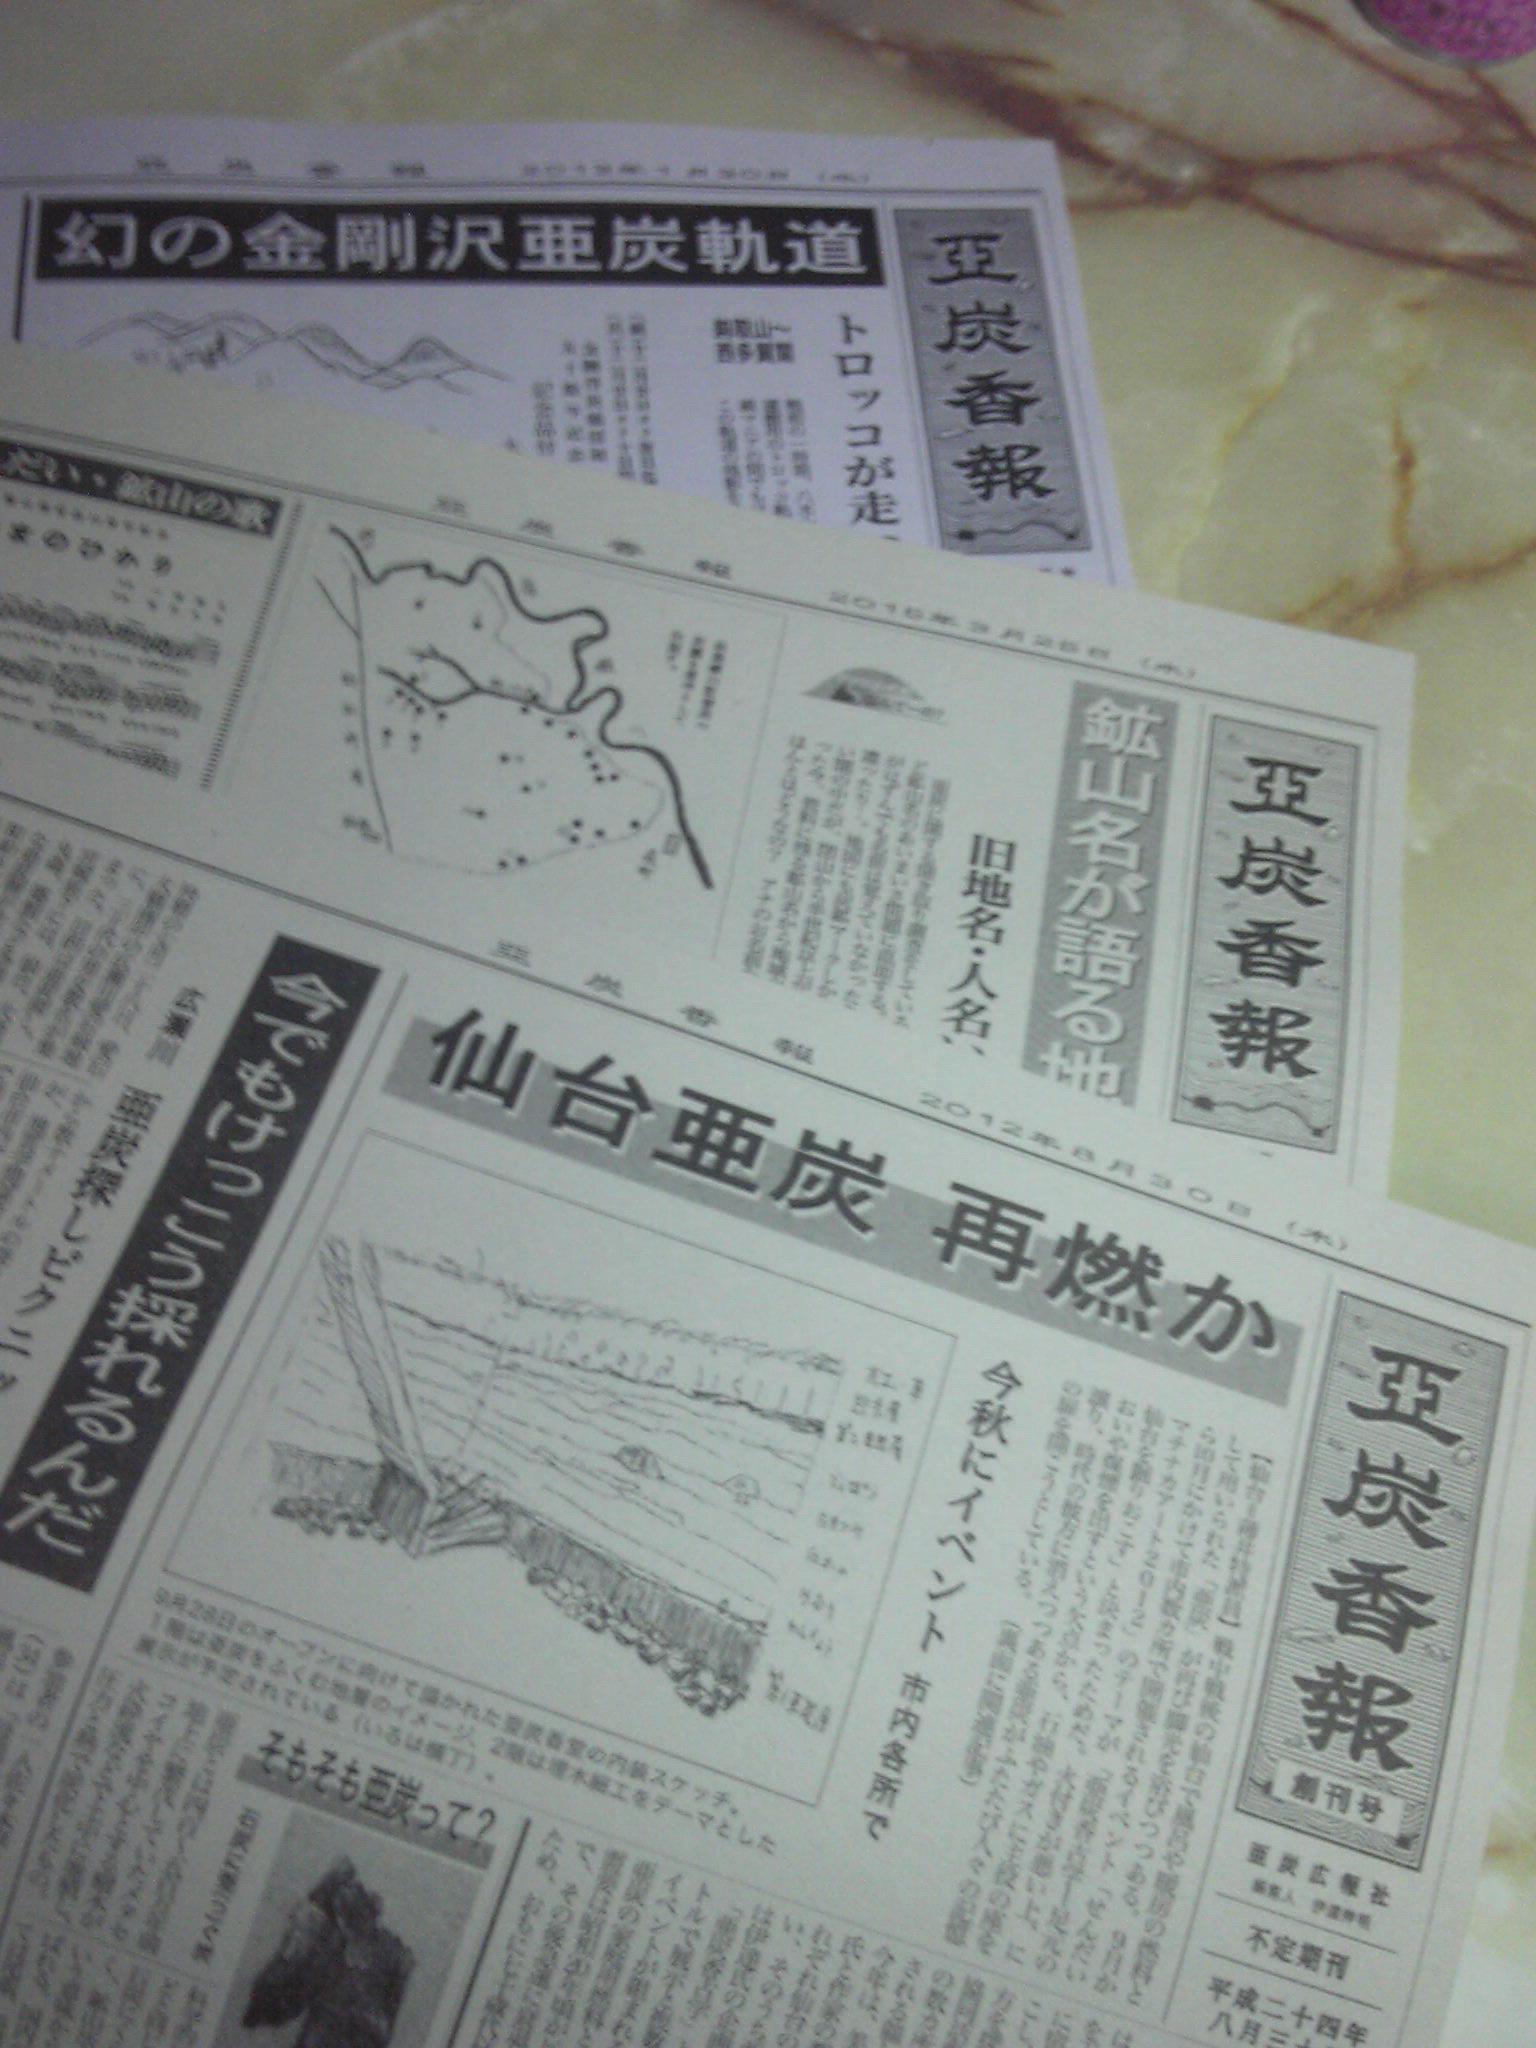 亞炭香古学〜山のひかり、川のほし展〜